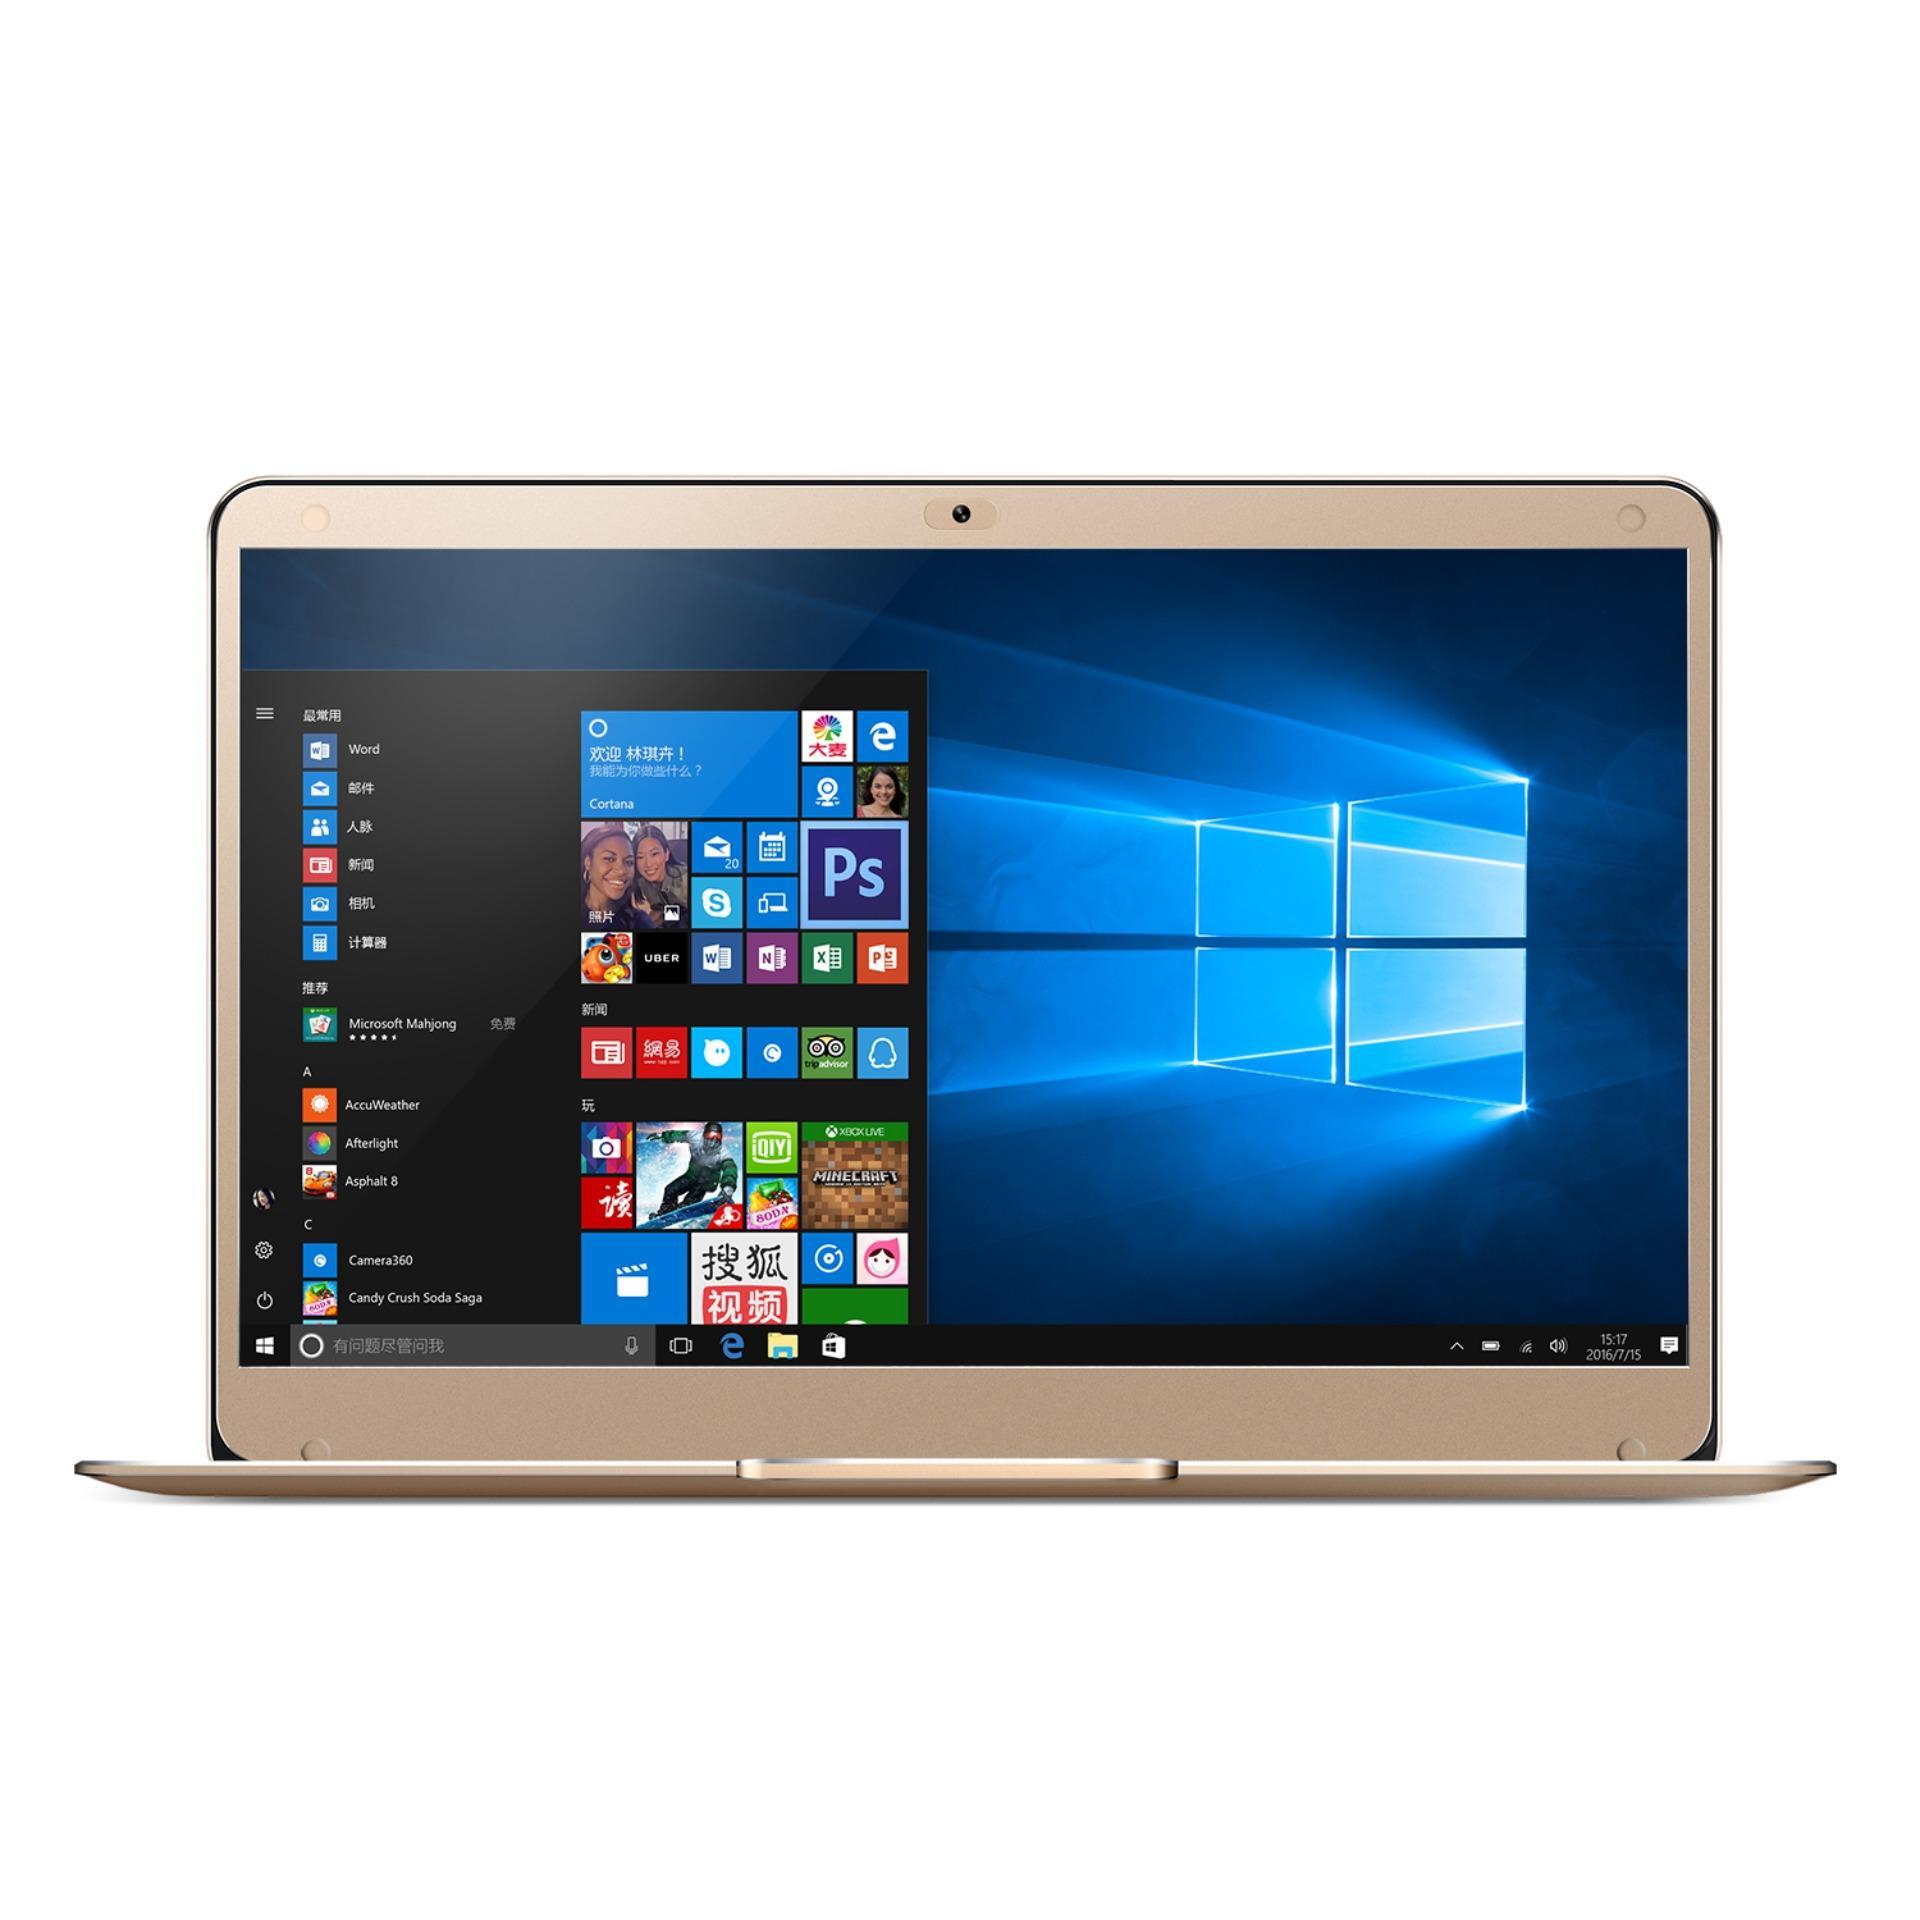 Mua Laptop Onda Xiaoma 21 Rom 152G ở đâu tốt?